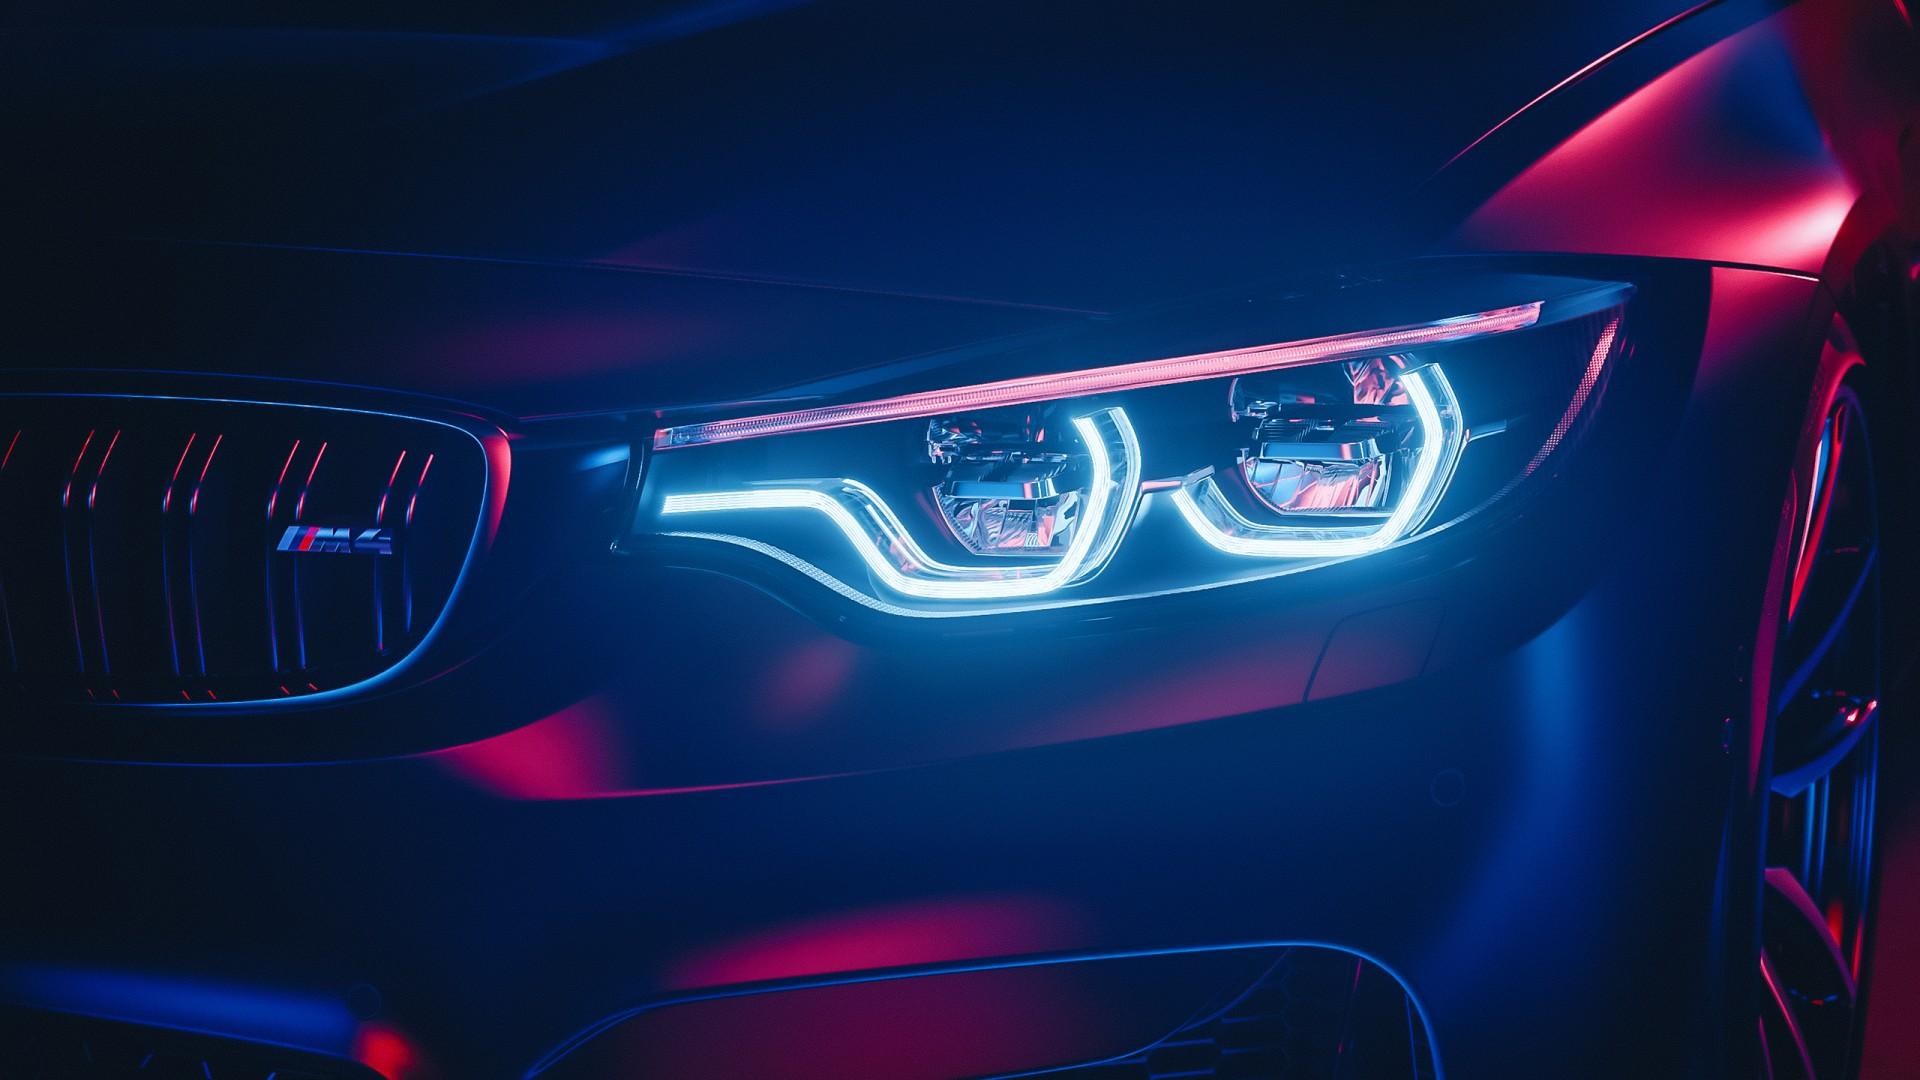 Bmw M4 Led Headlights Wallpaper Hd Car Wallpapers Id 14040